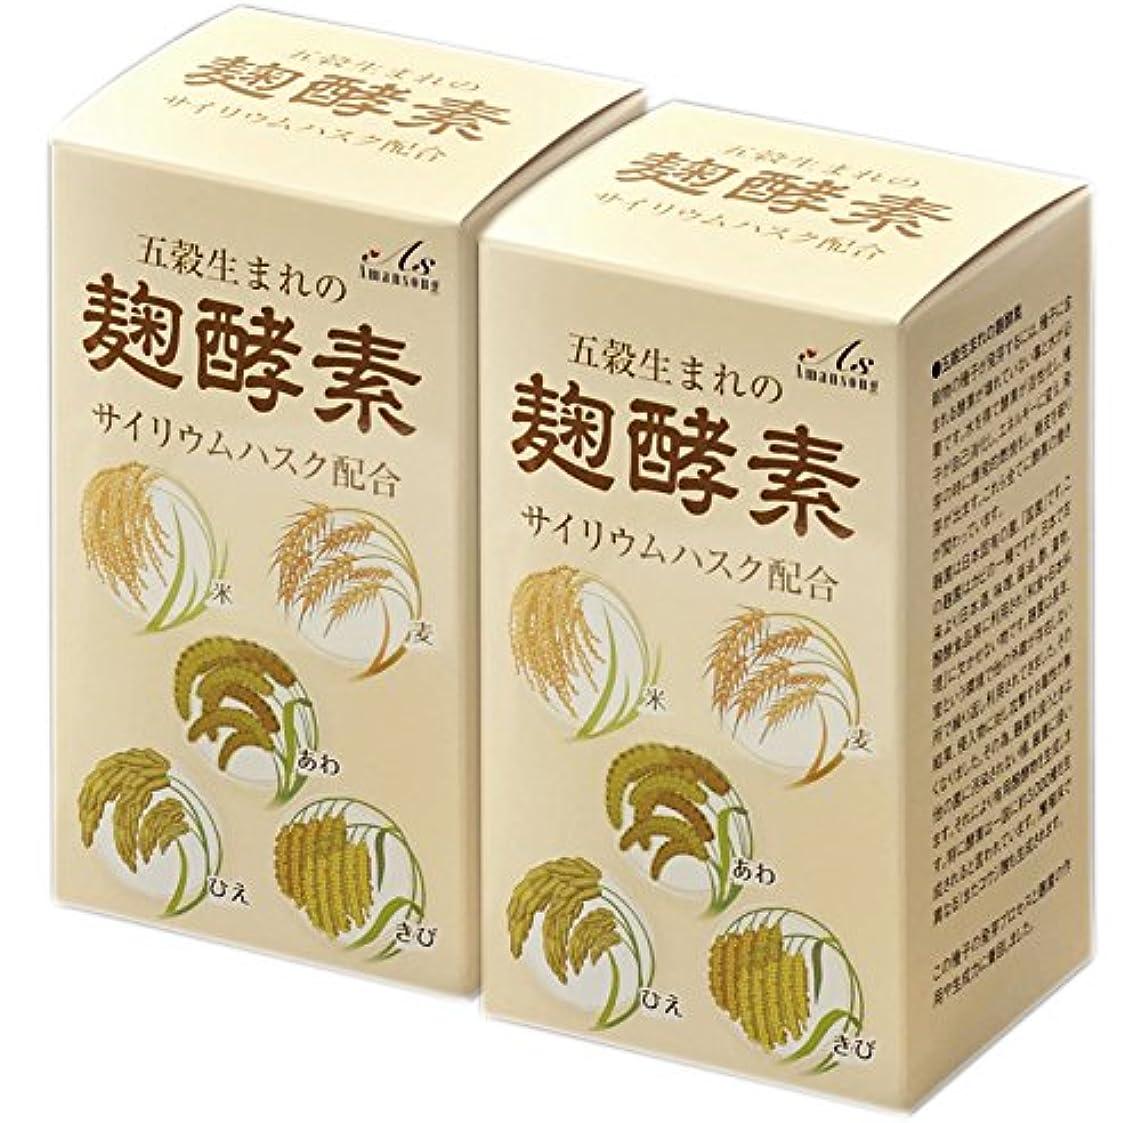 ダブル順応性ダンプA?S 2箱セット五穀生まれの麹酵素 更に1箱プレゼント、更に「活きてる酵素だし」1袋プレゼント